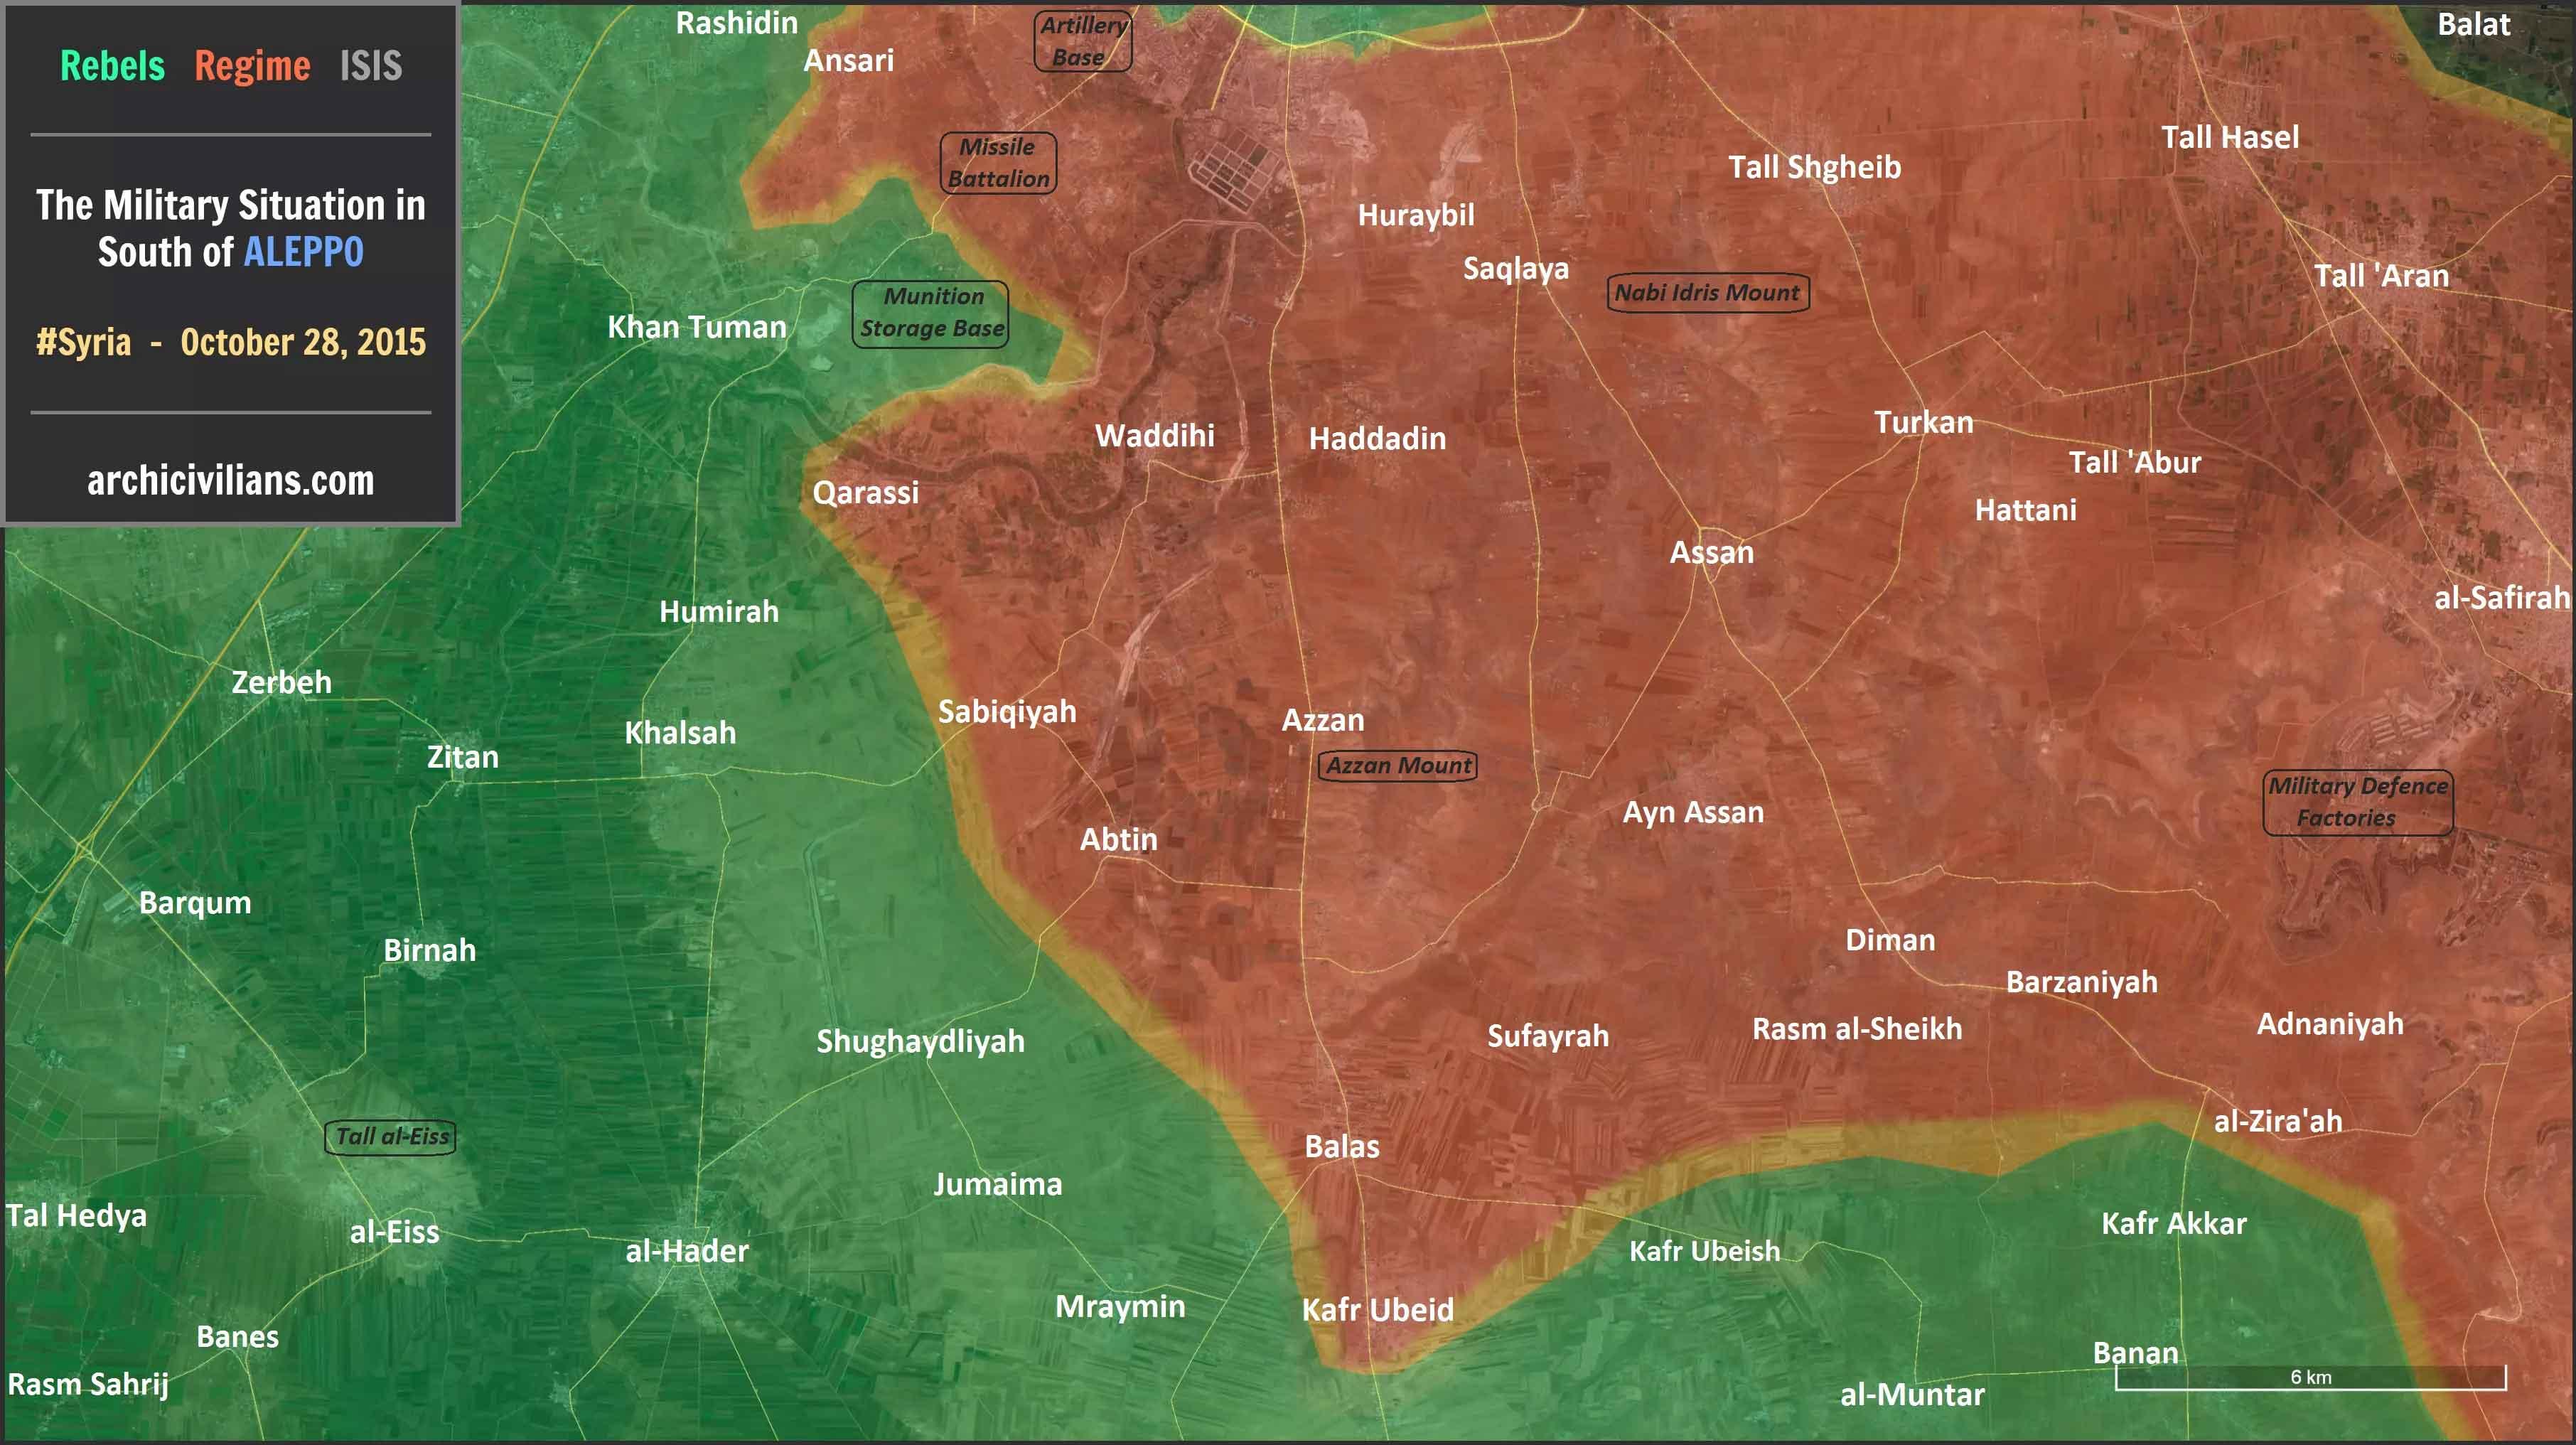 Результаты наступления Асада в Алеппо, на основе всей ранее существующей информации